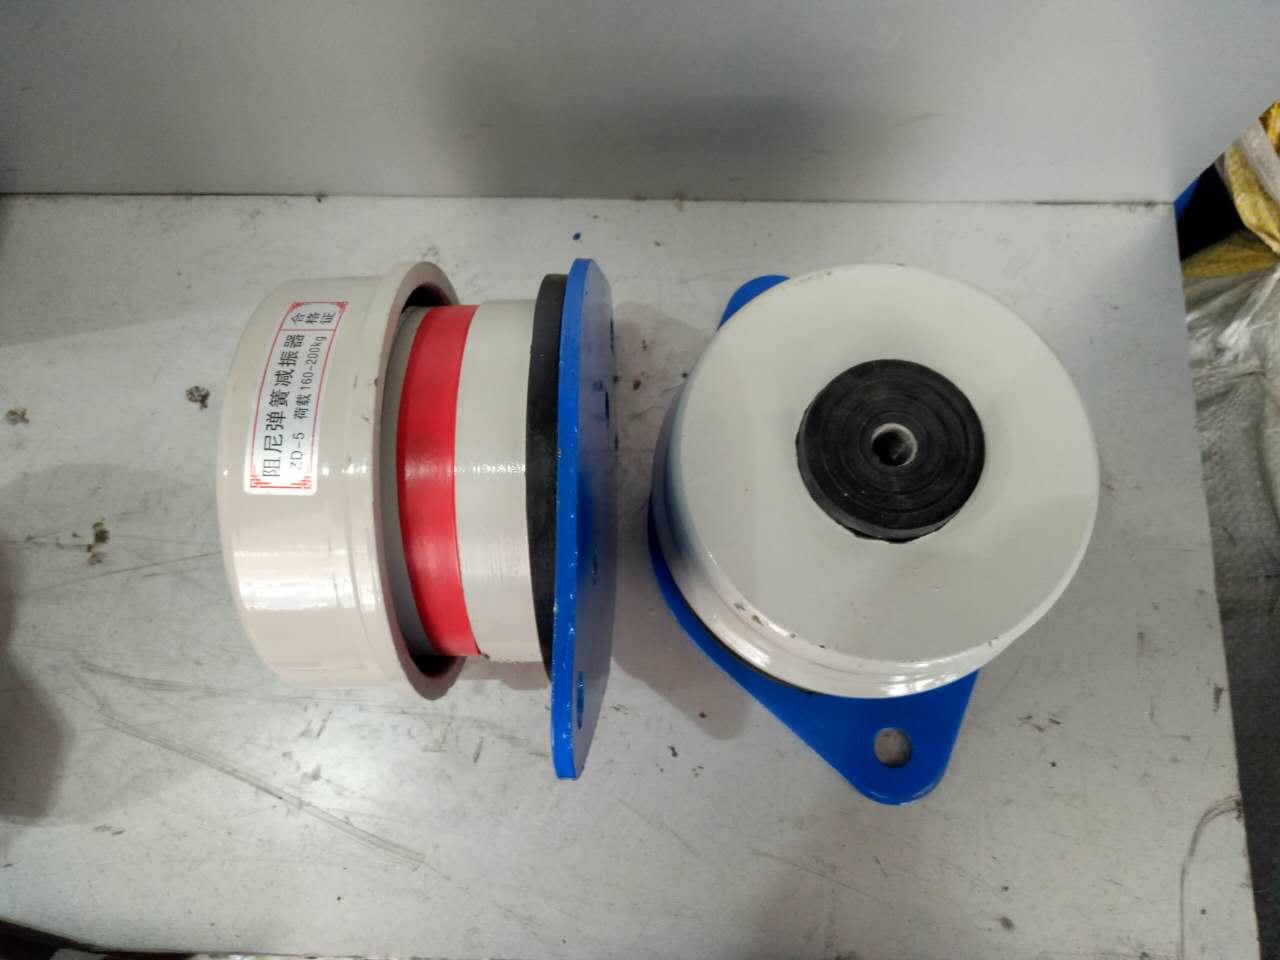 沈阳专业批发风机弹簧减震器水泵阻尼减震器厂家直销